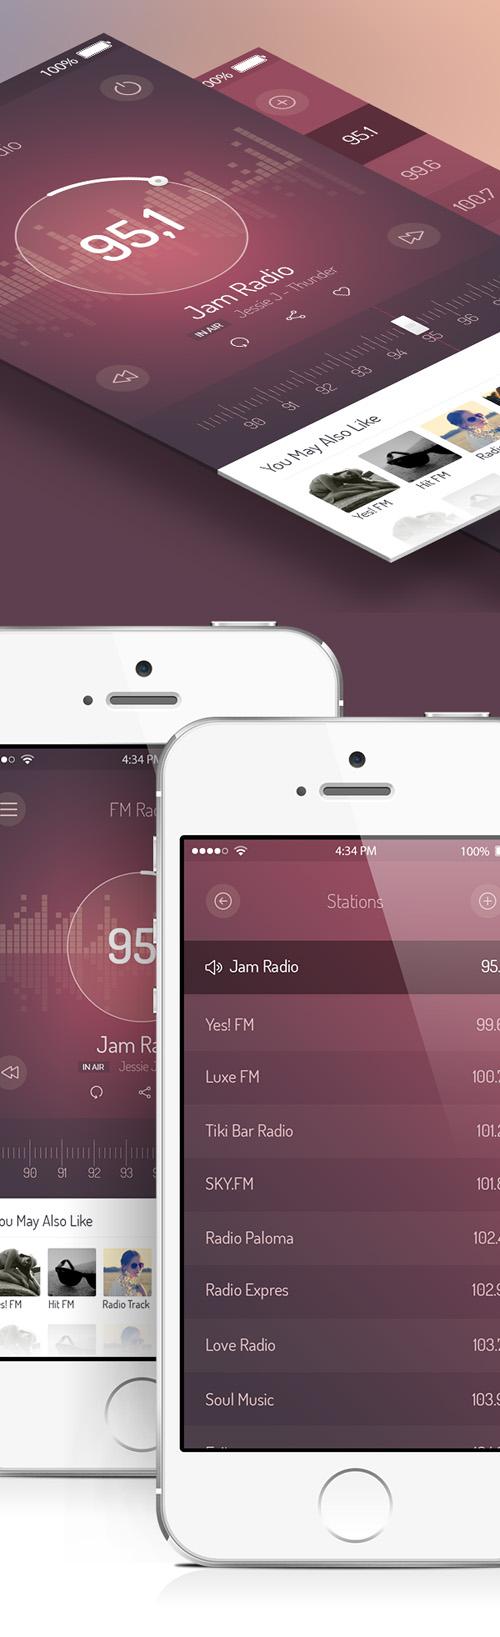 FM Radio UI - iOS 7 App